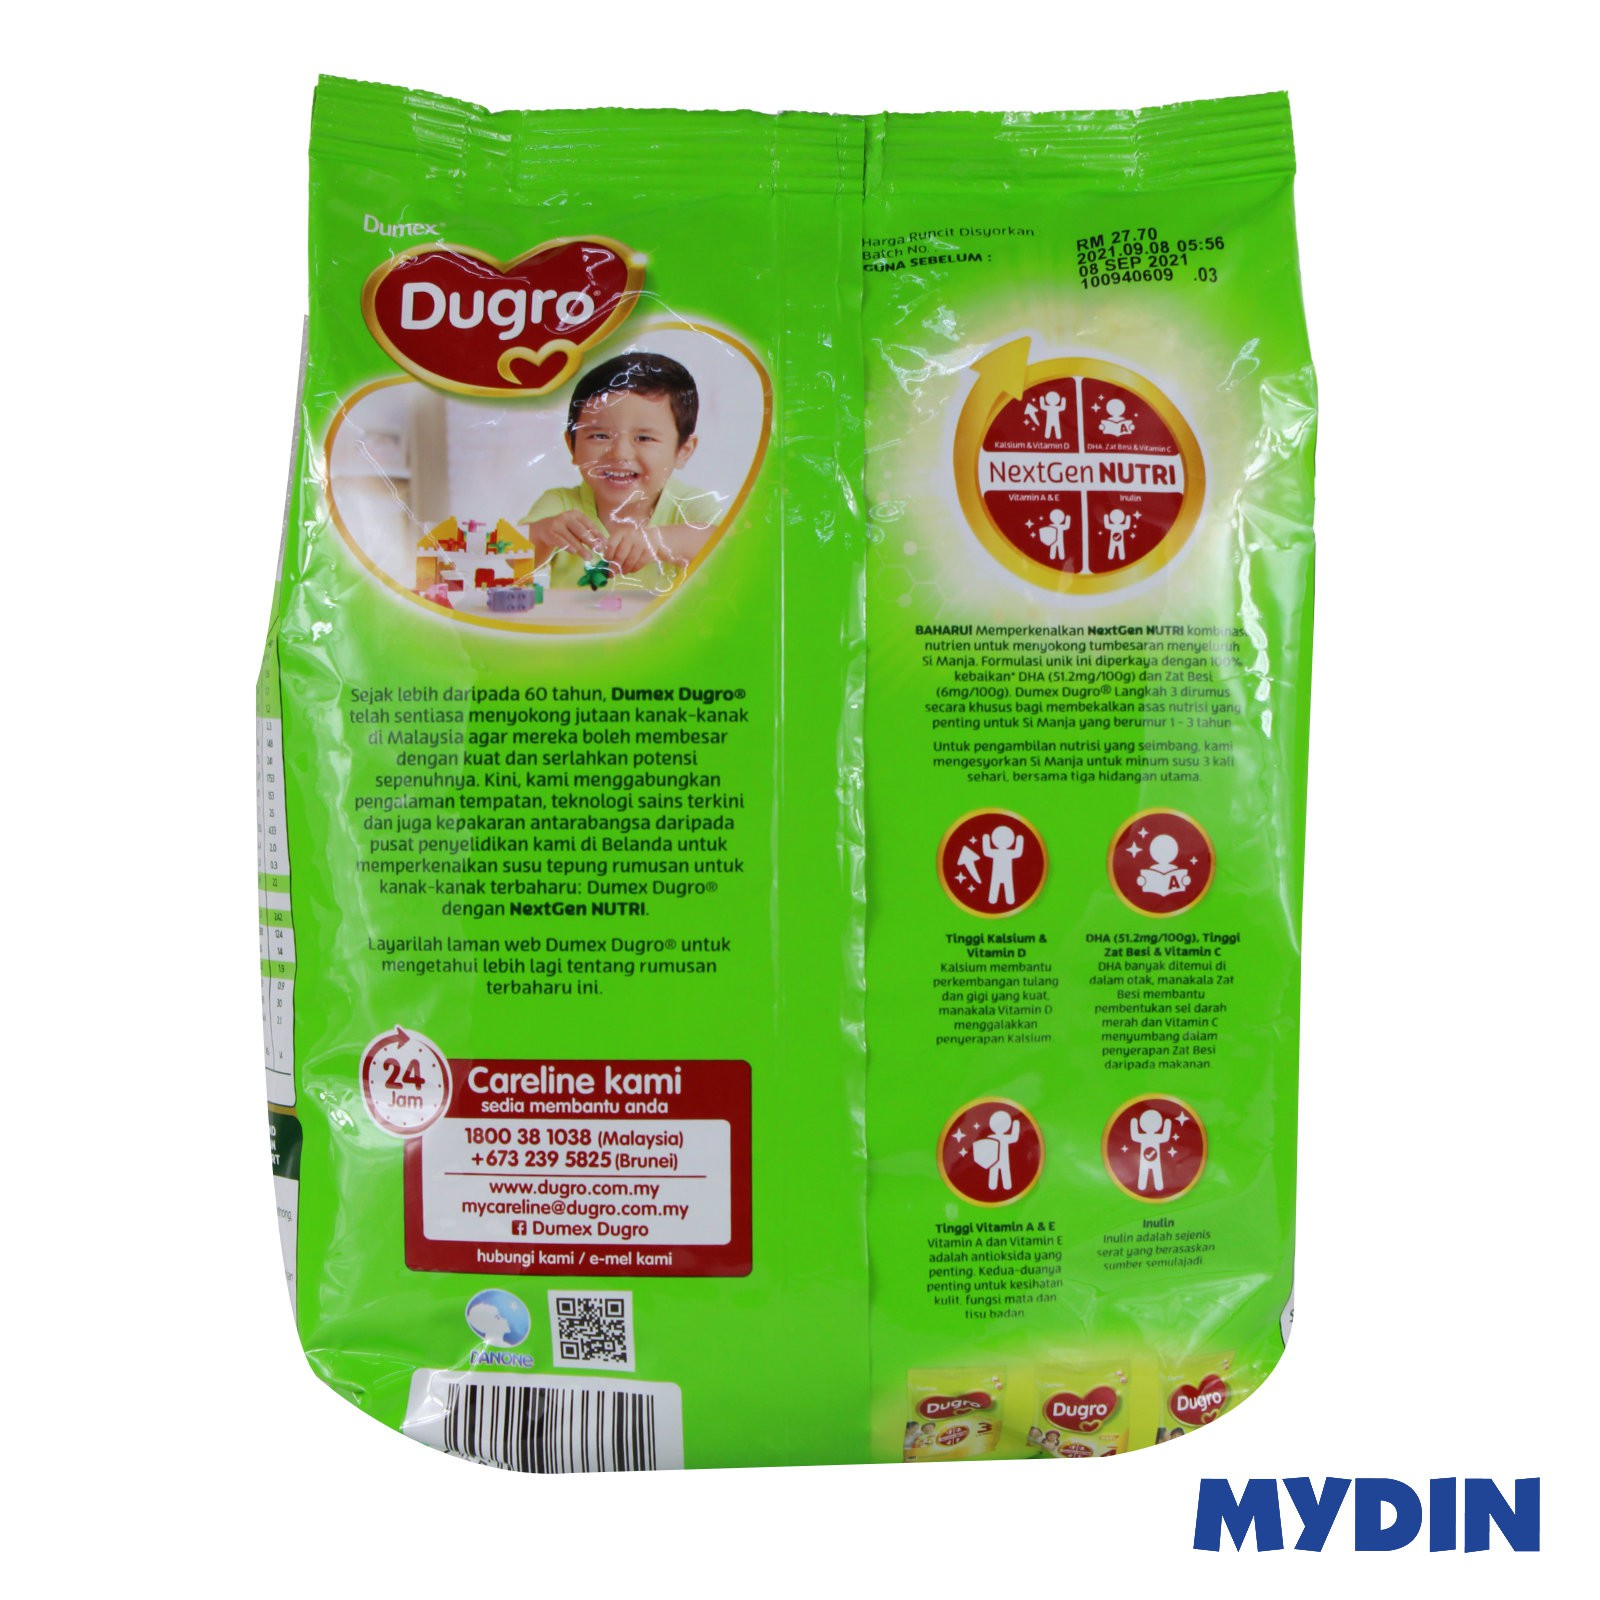 Dumex Dugro 3 Honey (850g)